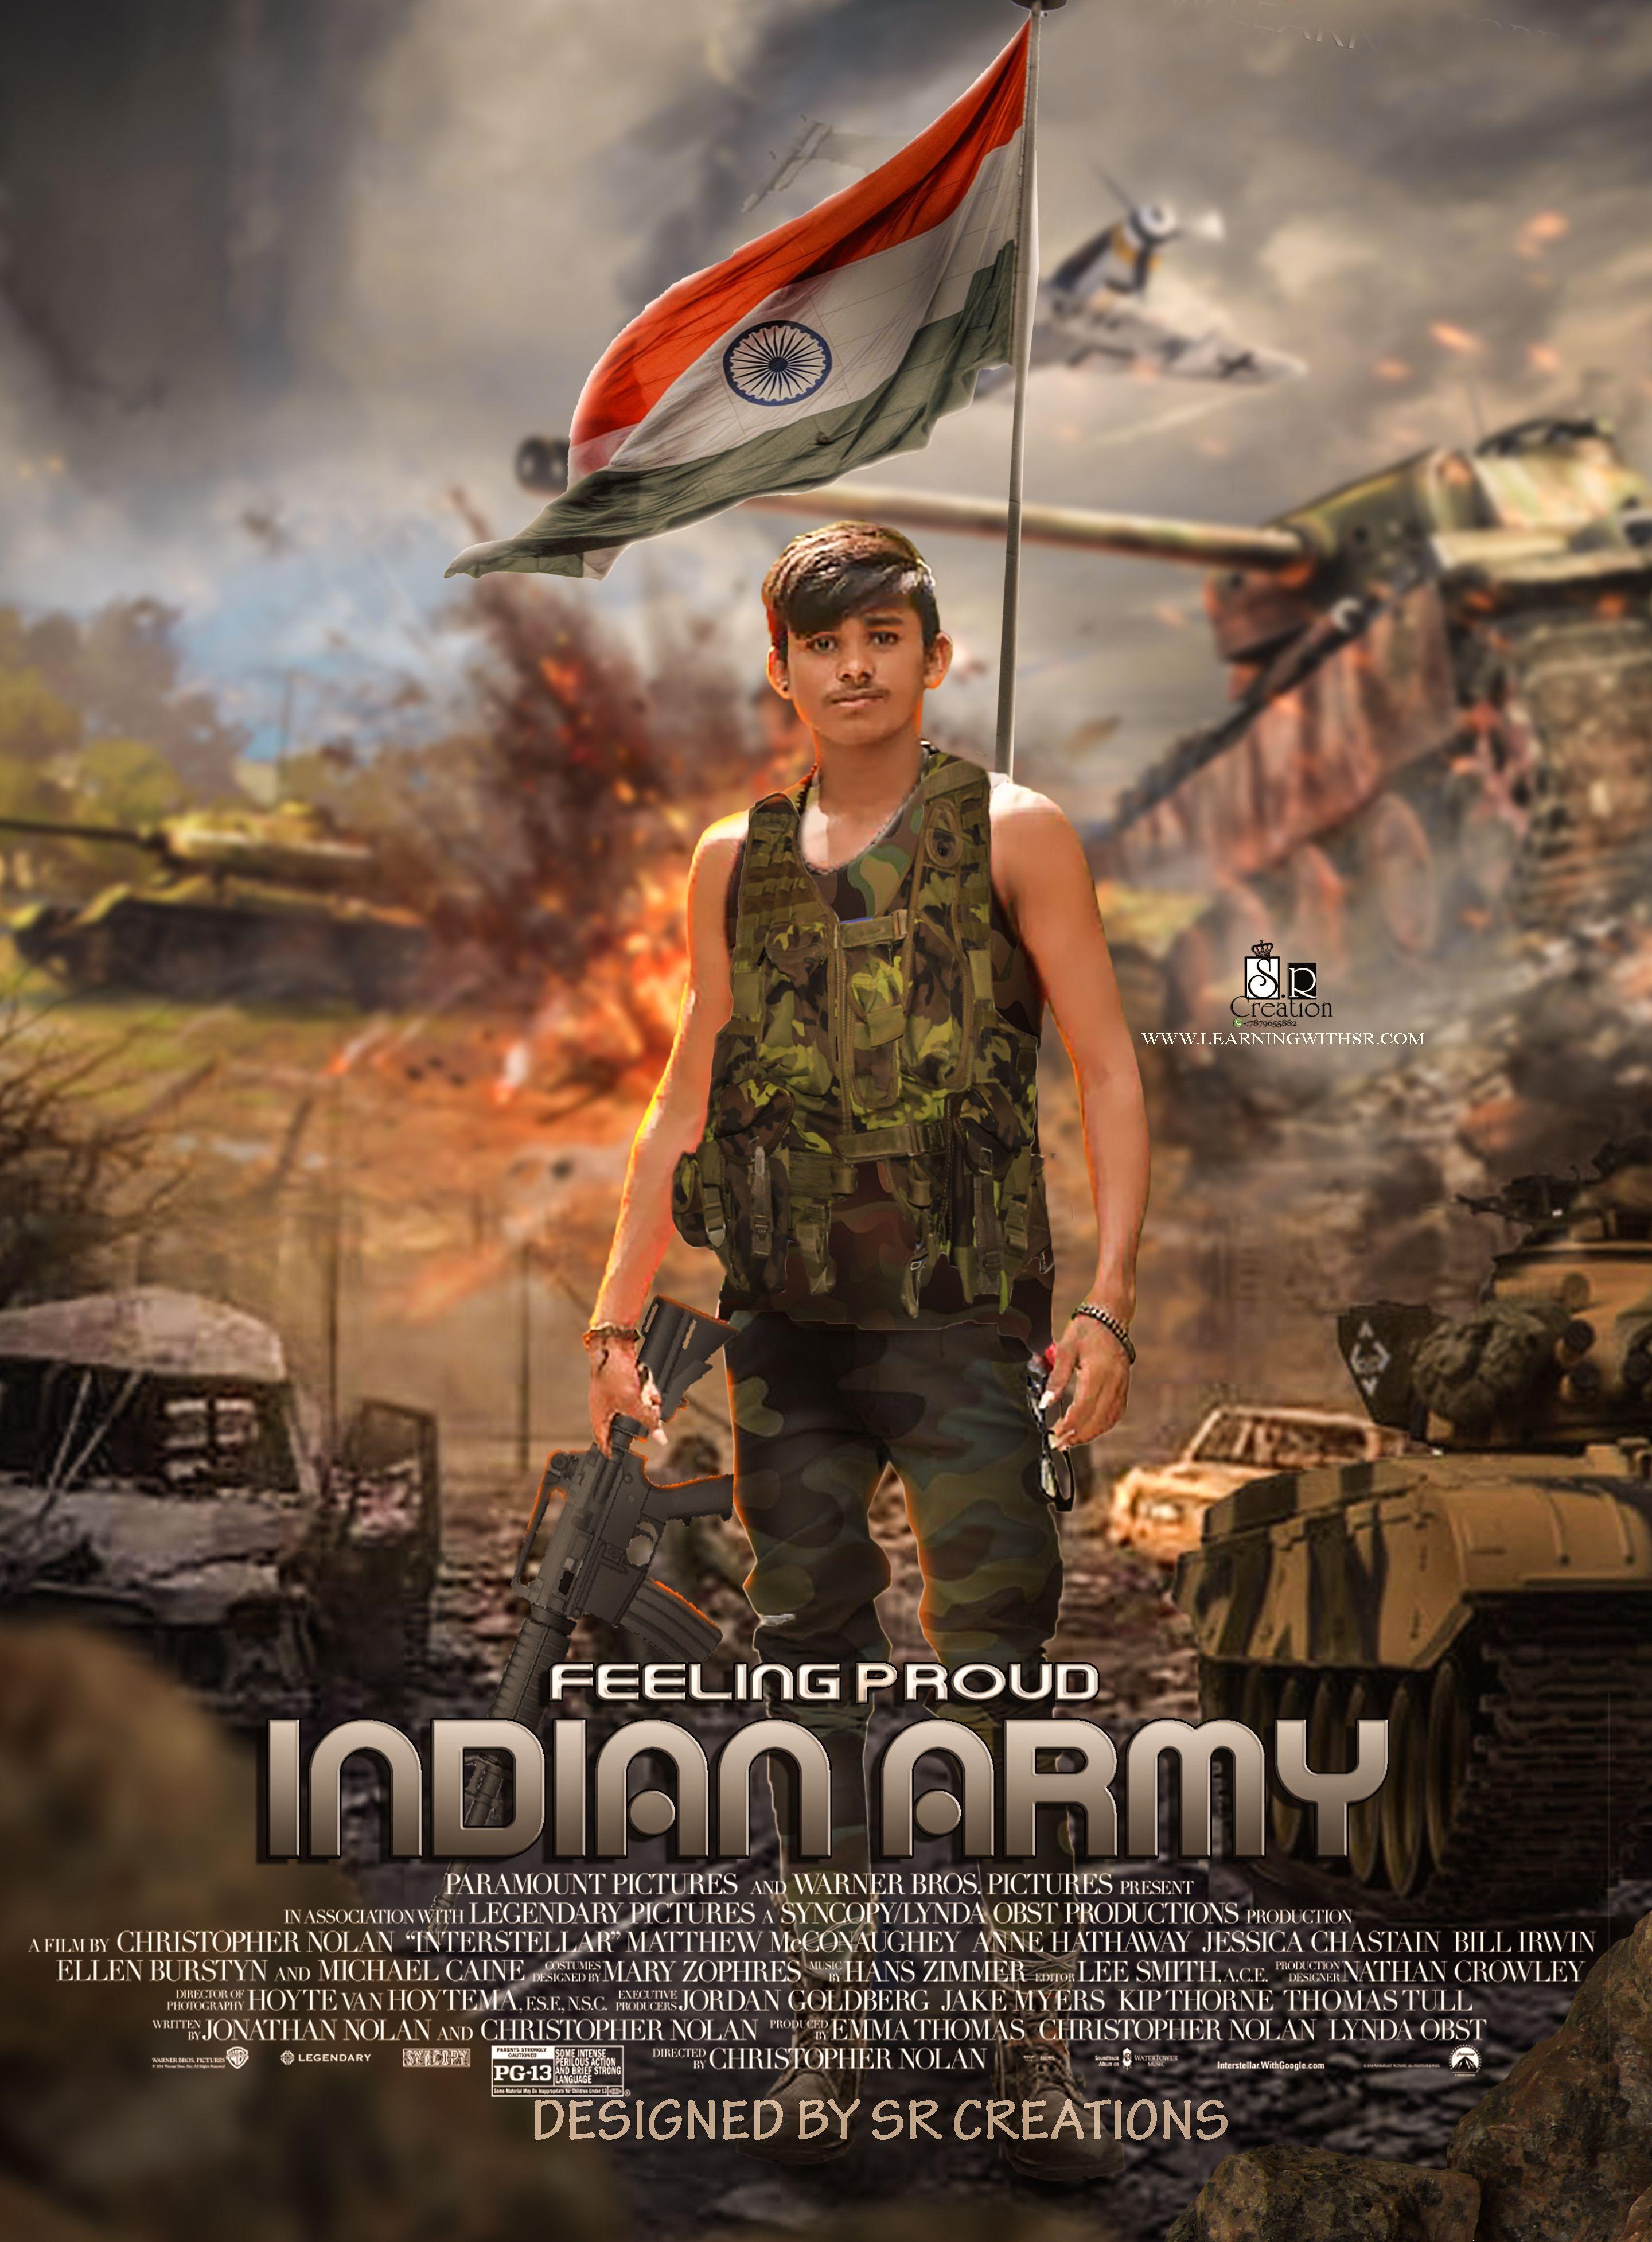 Manipulation Photo Editing Backgrounds Indian Army Photo Editing Army Dress Photo Editor Indian Army Photo Editor Photo Editing Indian Army Editing Background